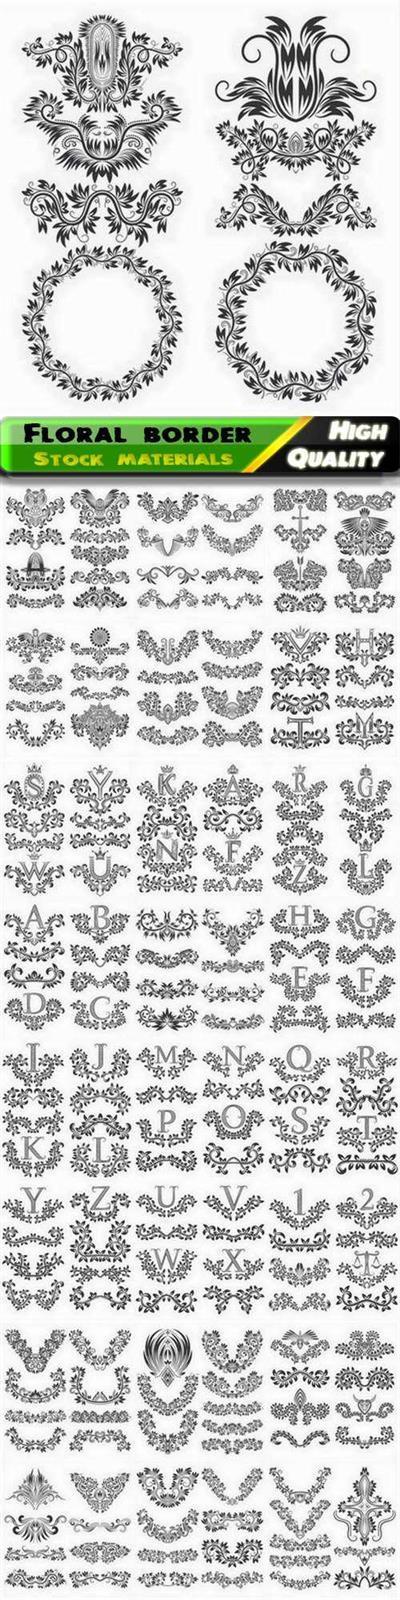 Vintage calligraphy floral border divider frame corner with letter - 25 Eps